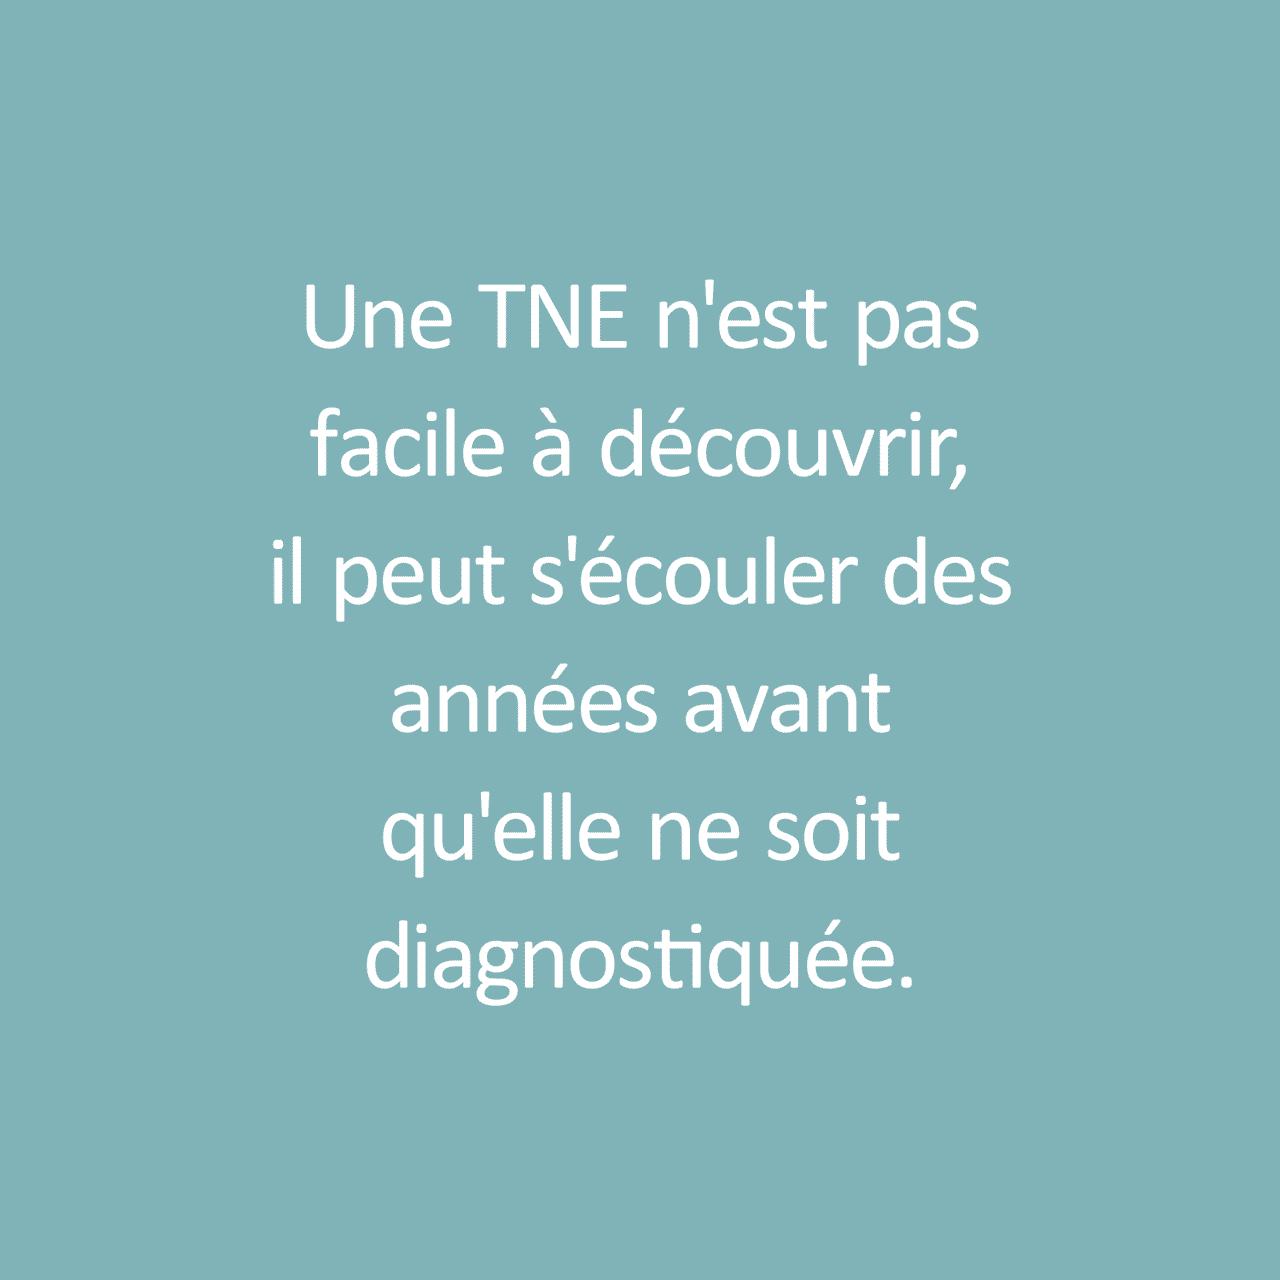 """Fact about Neuroendocrine Tumor / Fait sur Tumeur Neuroendocrine: """"Une TNE n'est pas facile à découvrir, il peut s'écouler des années avant qu'elle ne soit diagnostiquée."""""""